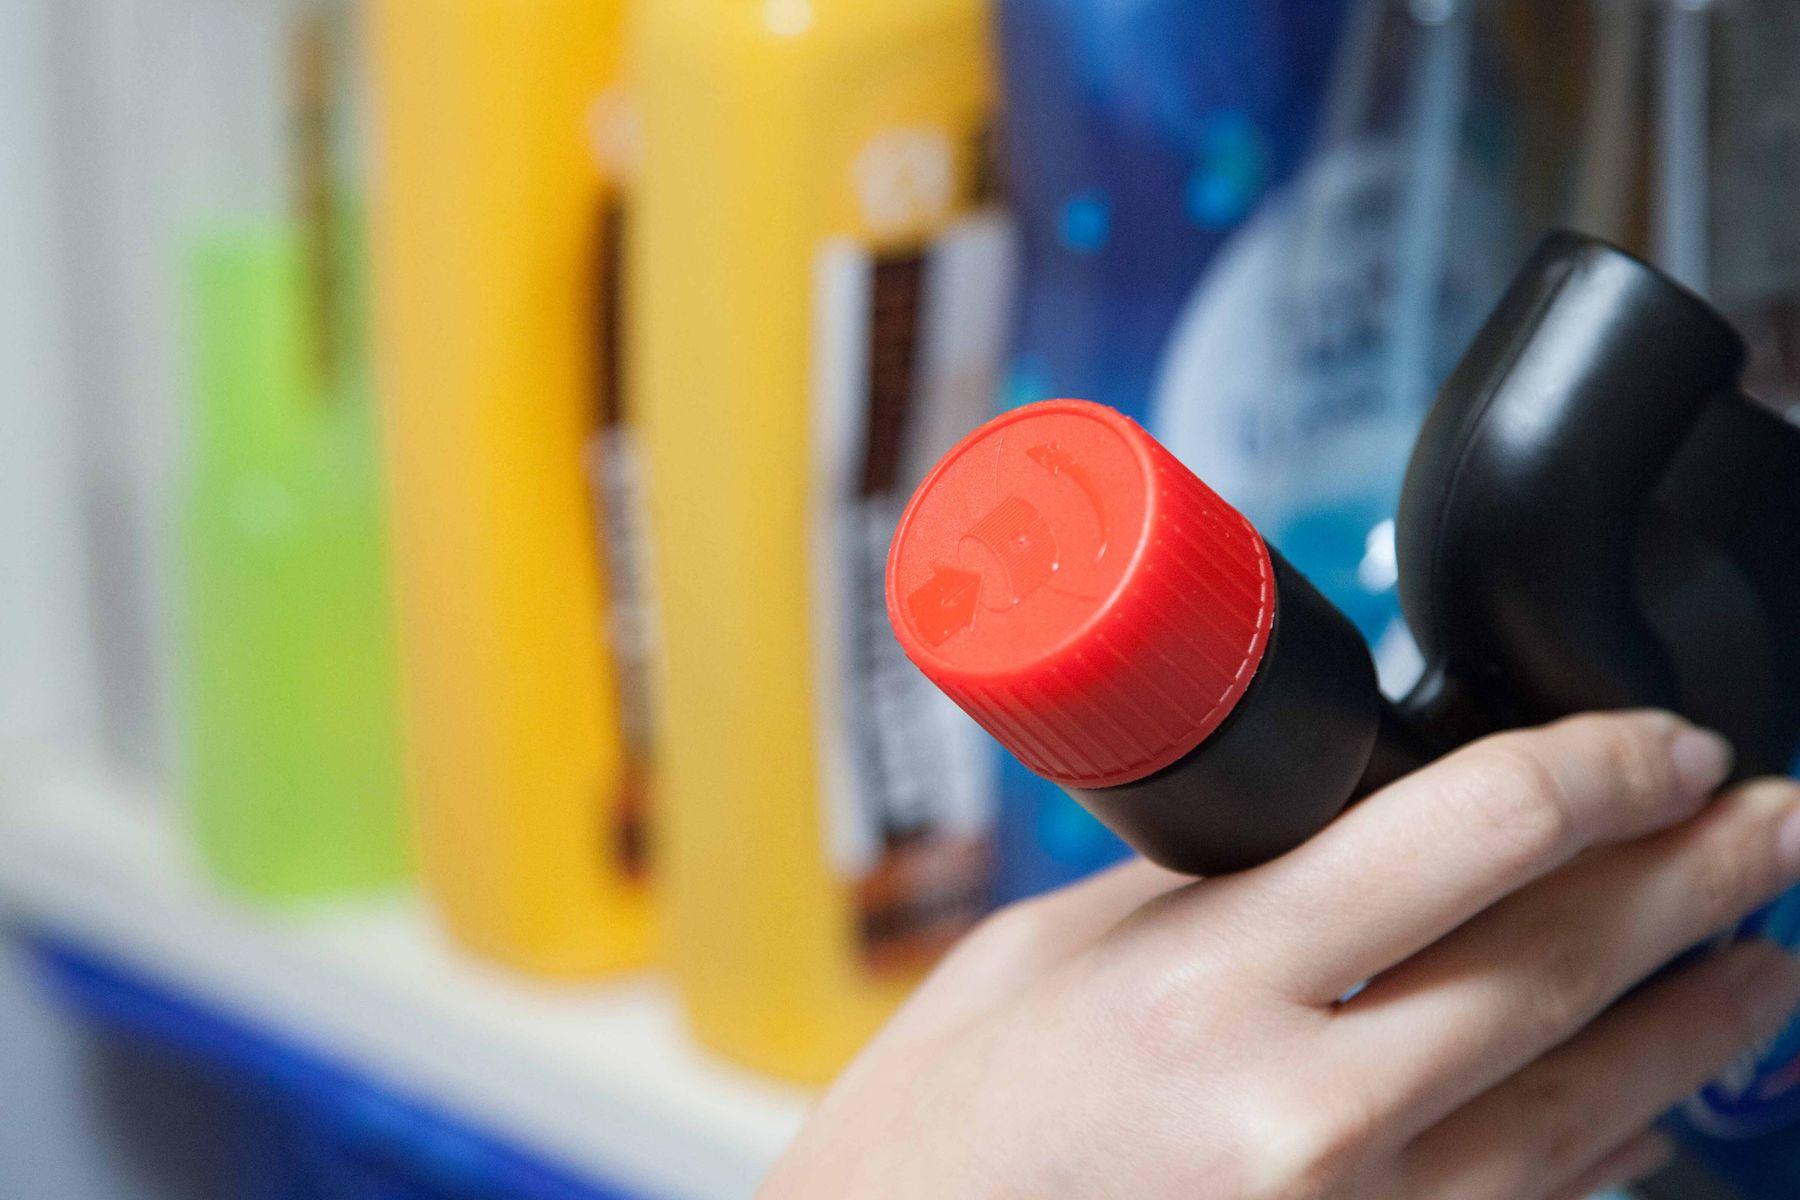 Prateleira com produtos de limpeza